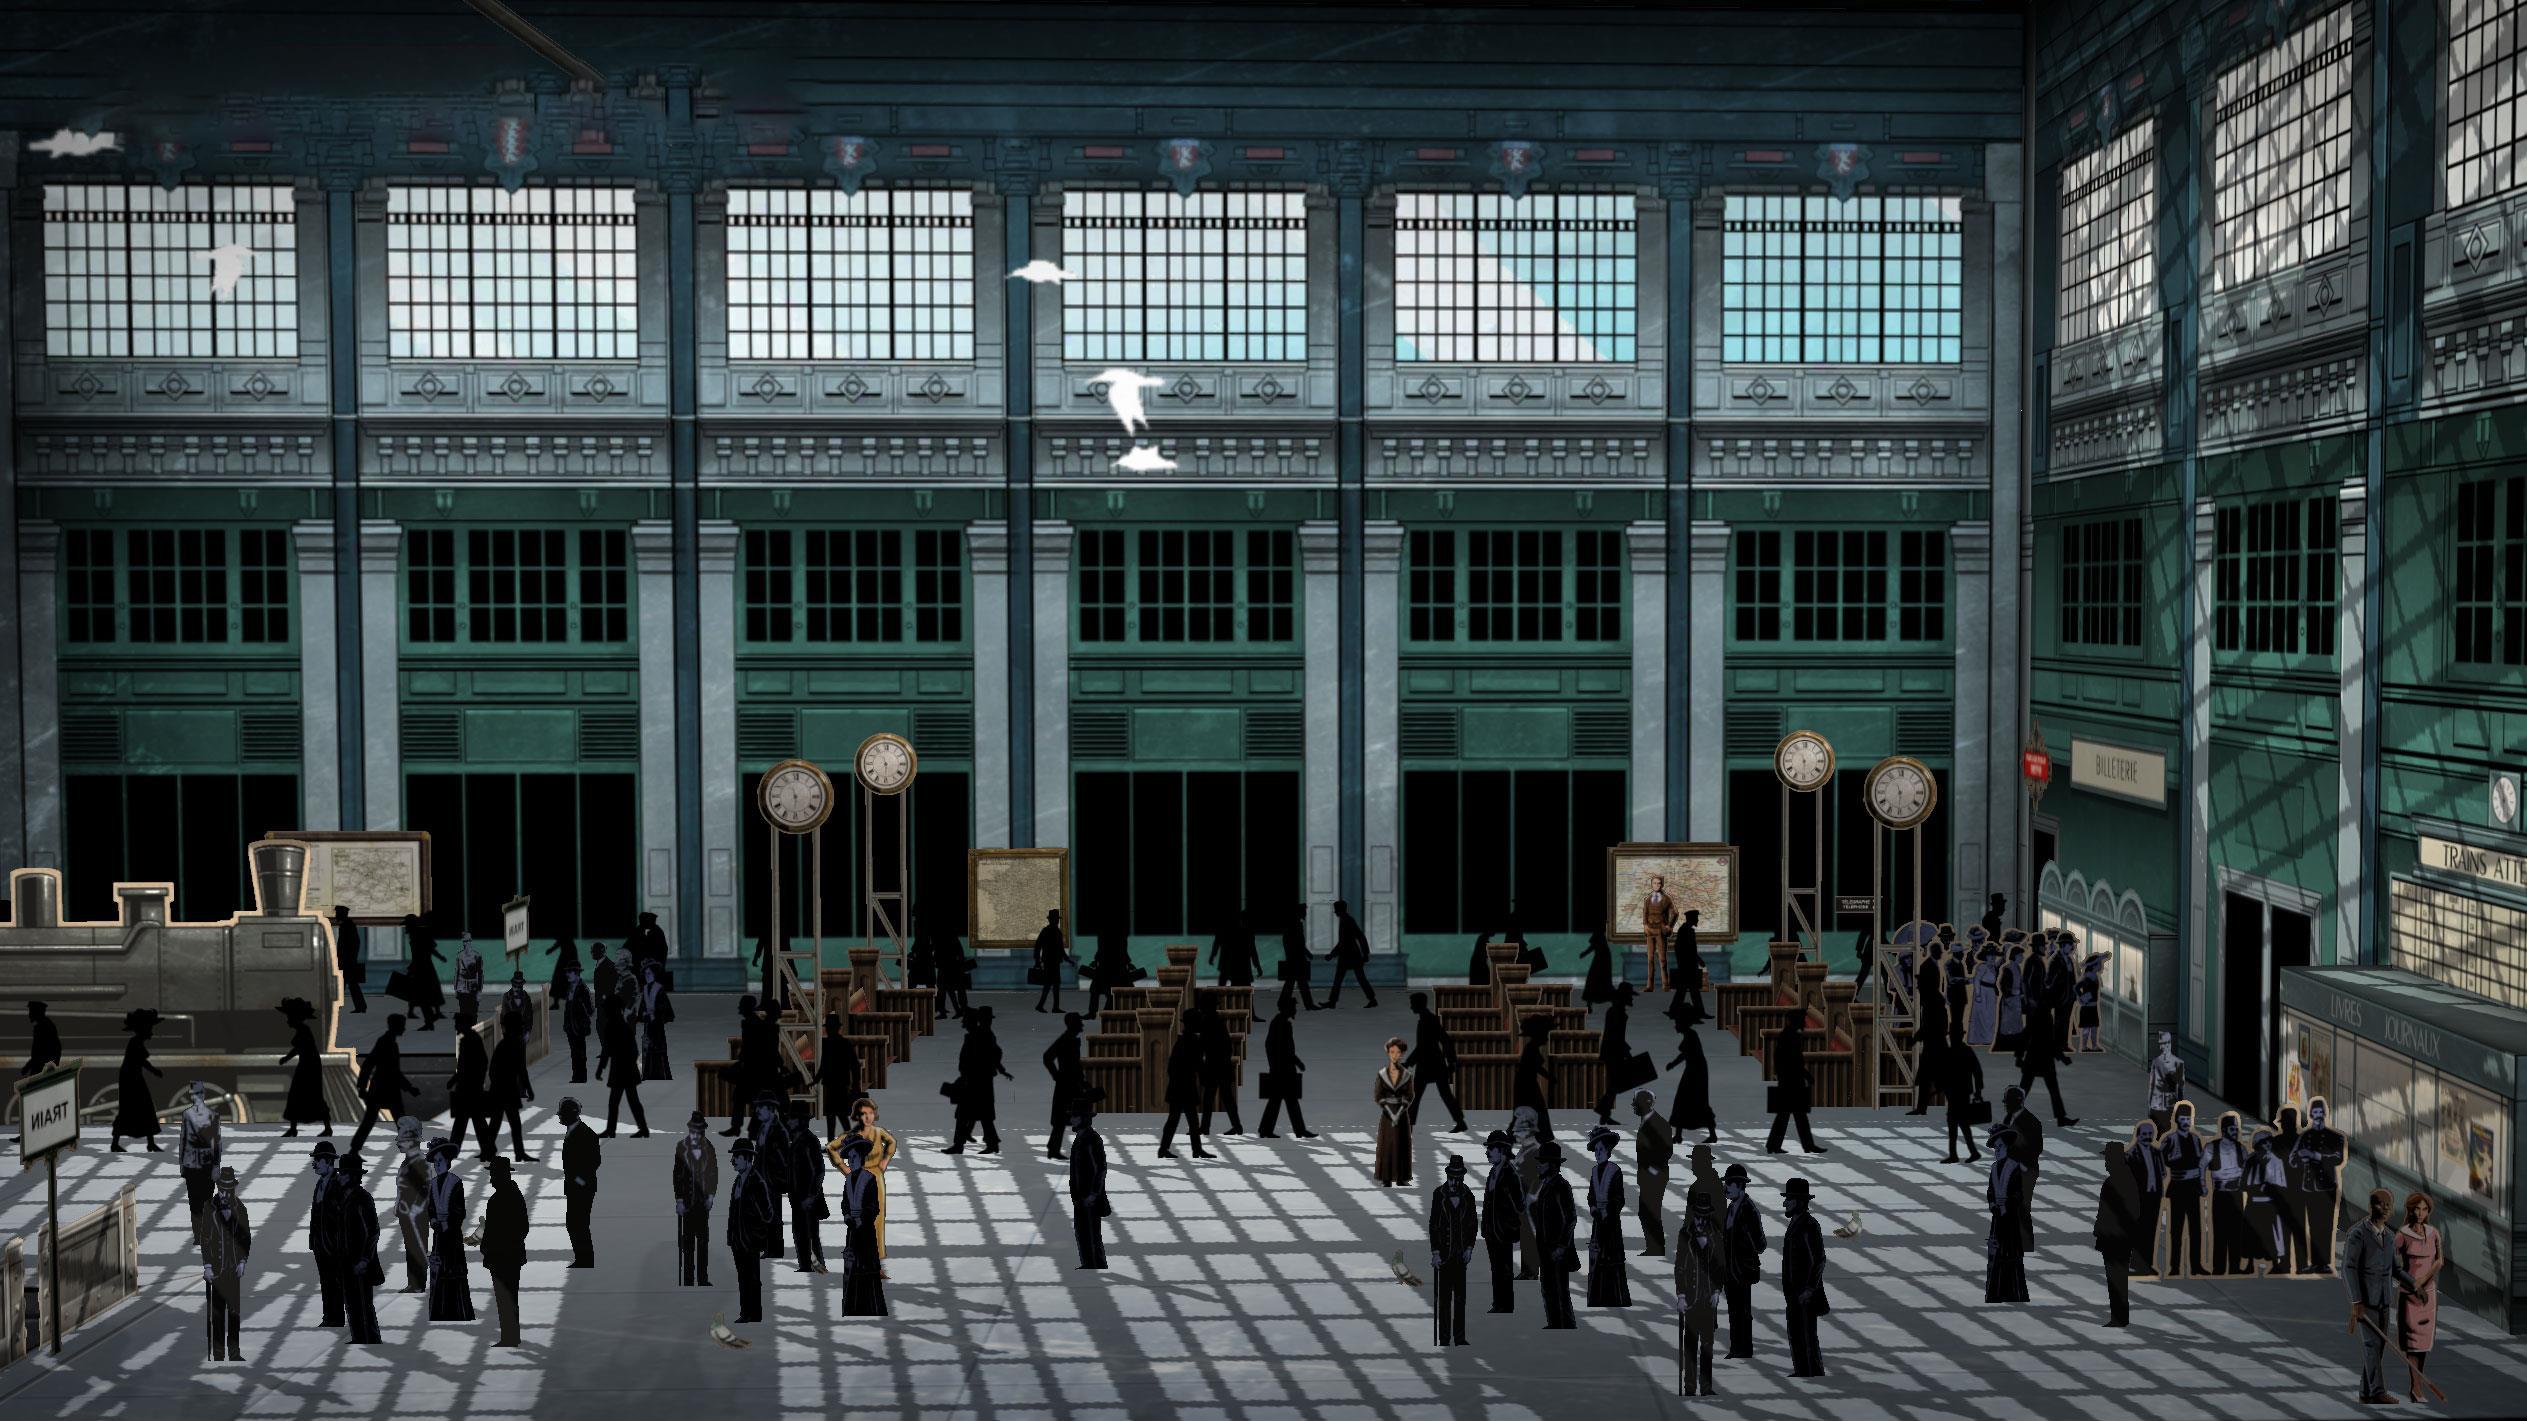 Une image de l'appli Apocalypse 10 Destins RA : Des gens dans une gare de trains.